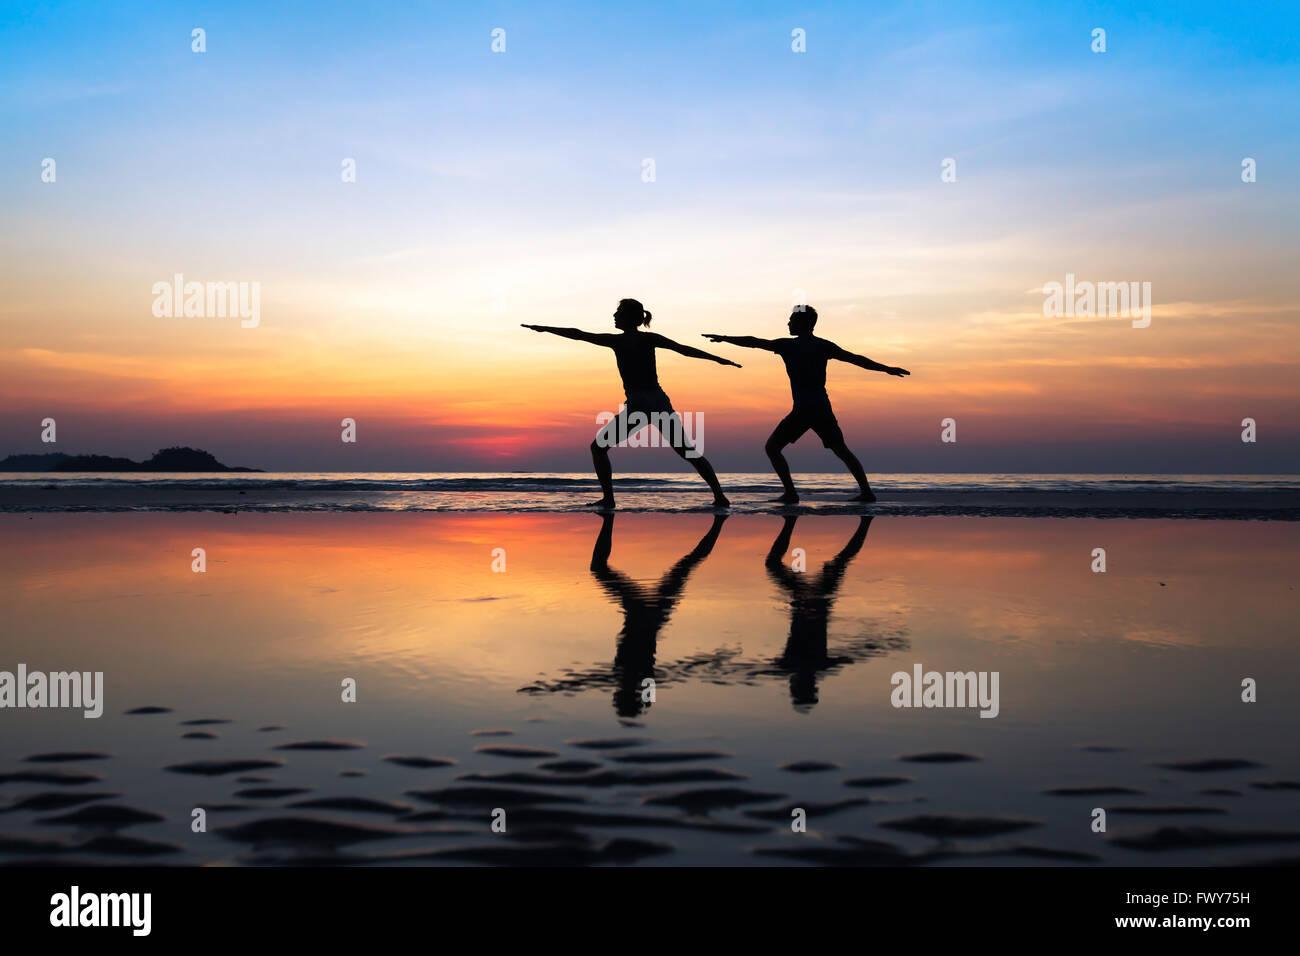 Grupo de personas practicando yoga, pareja haciendo estiramientos en la playa en el atardecer. Imagen De Stock